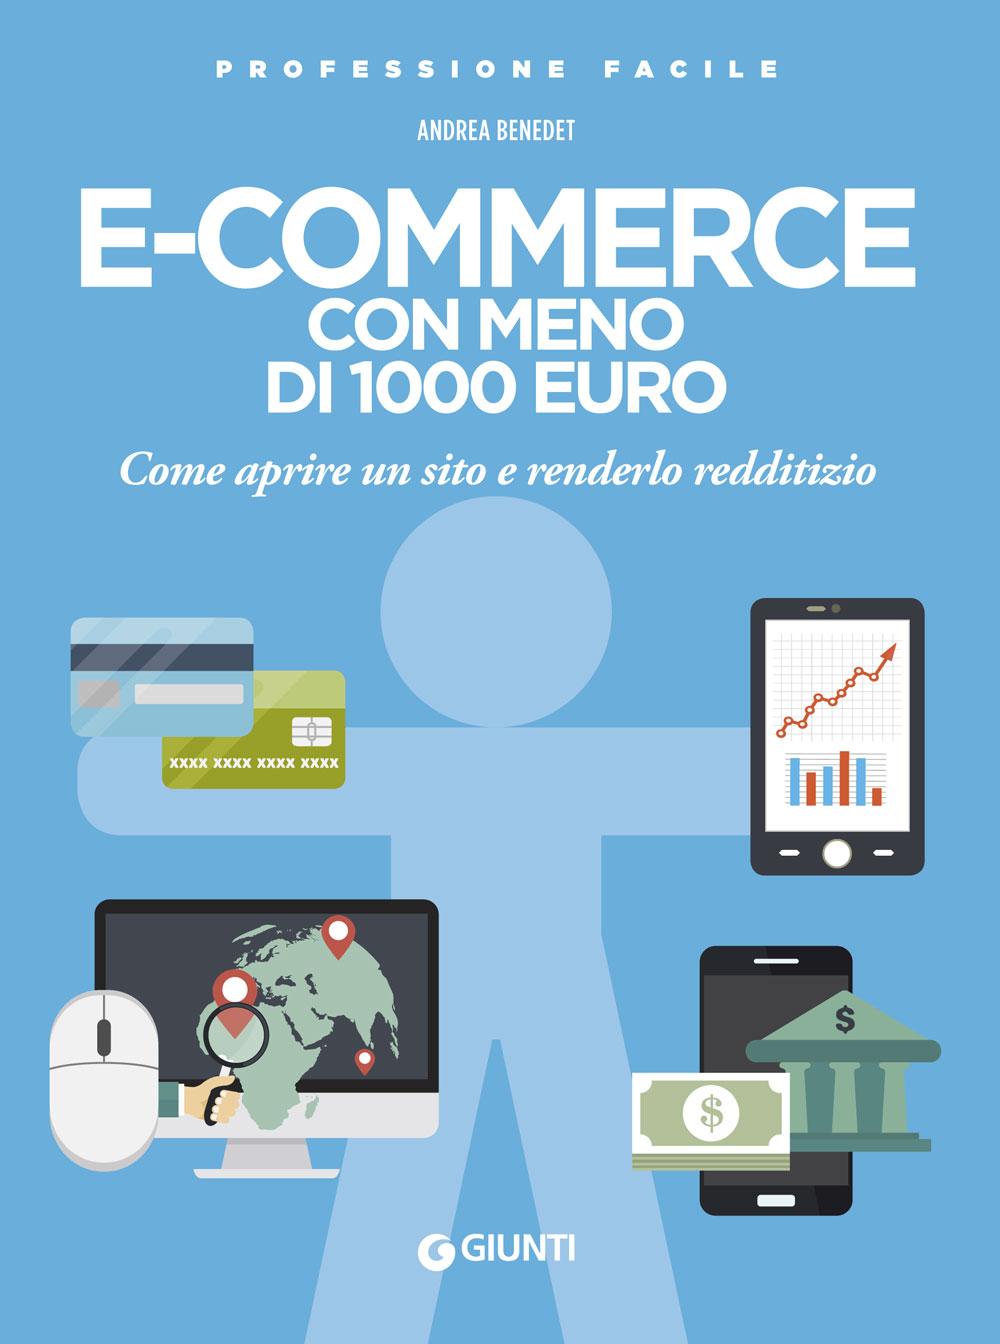 E-commerce con meno di 1000 euro